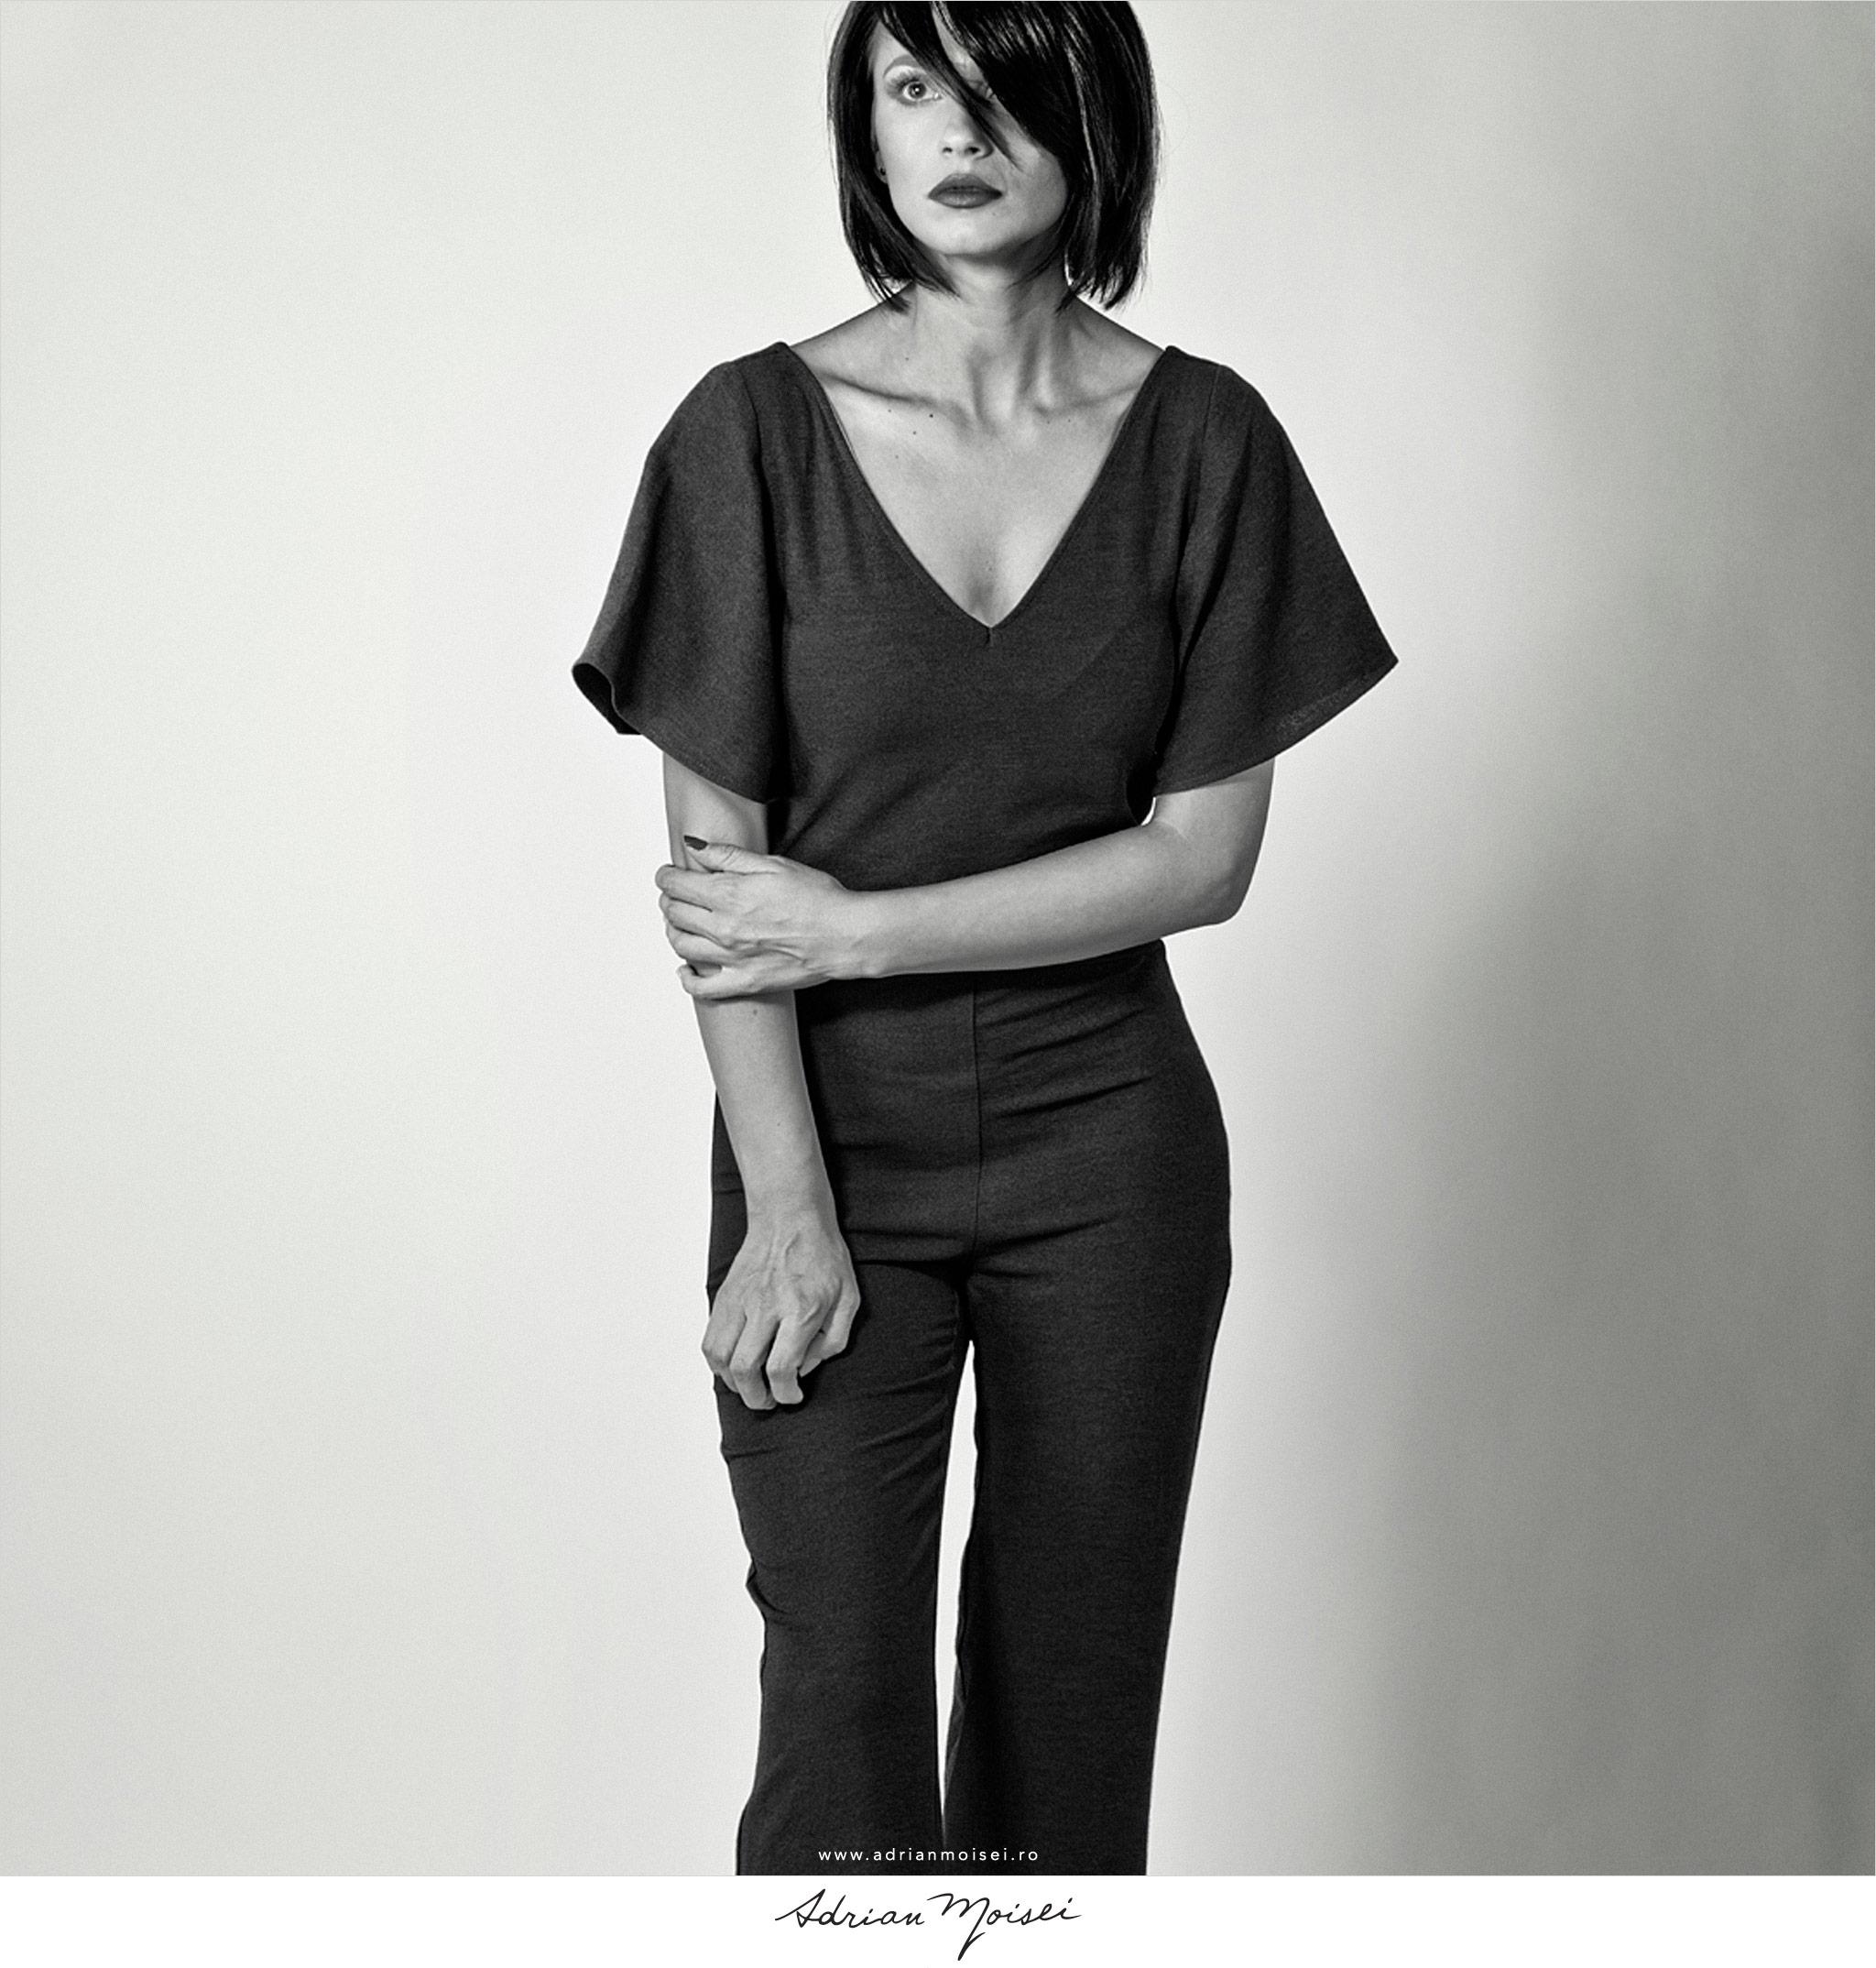 Fotograf fashion Iasi Adrian Moisei - Studio Foto Video Iasi - filmmaker moda - filmare Iasi - fotografie moda magazin online retro style vintage black and white bw alb negru